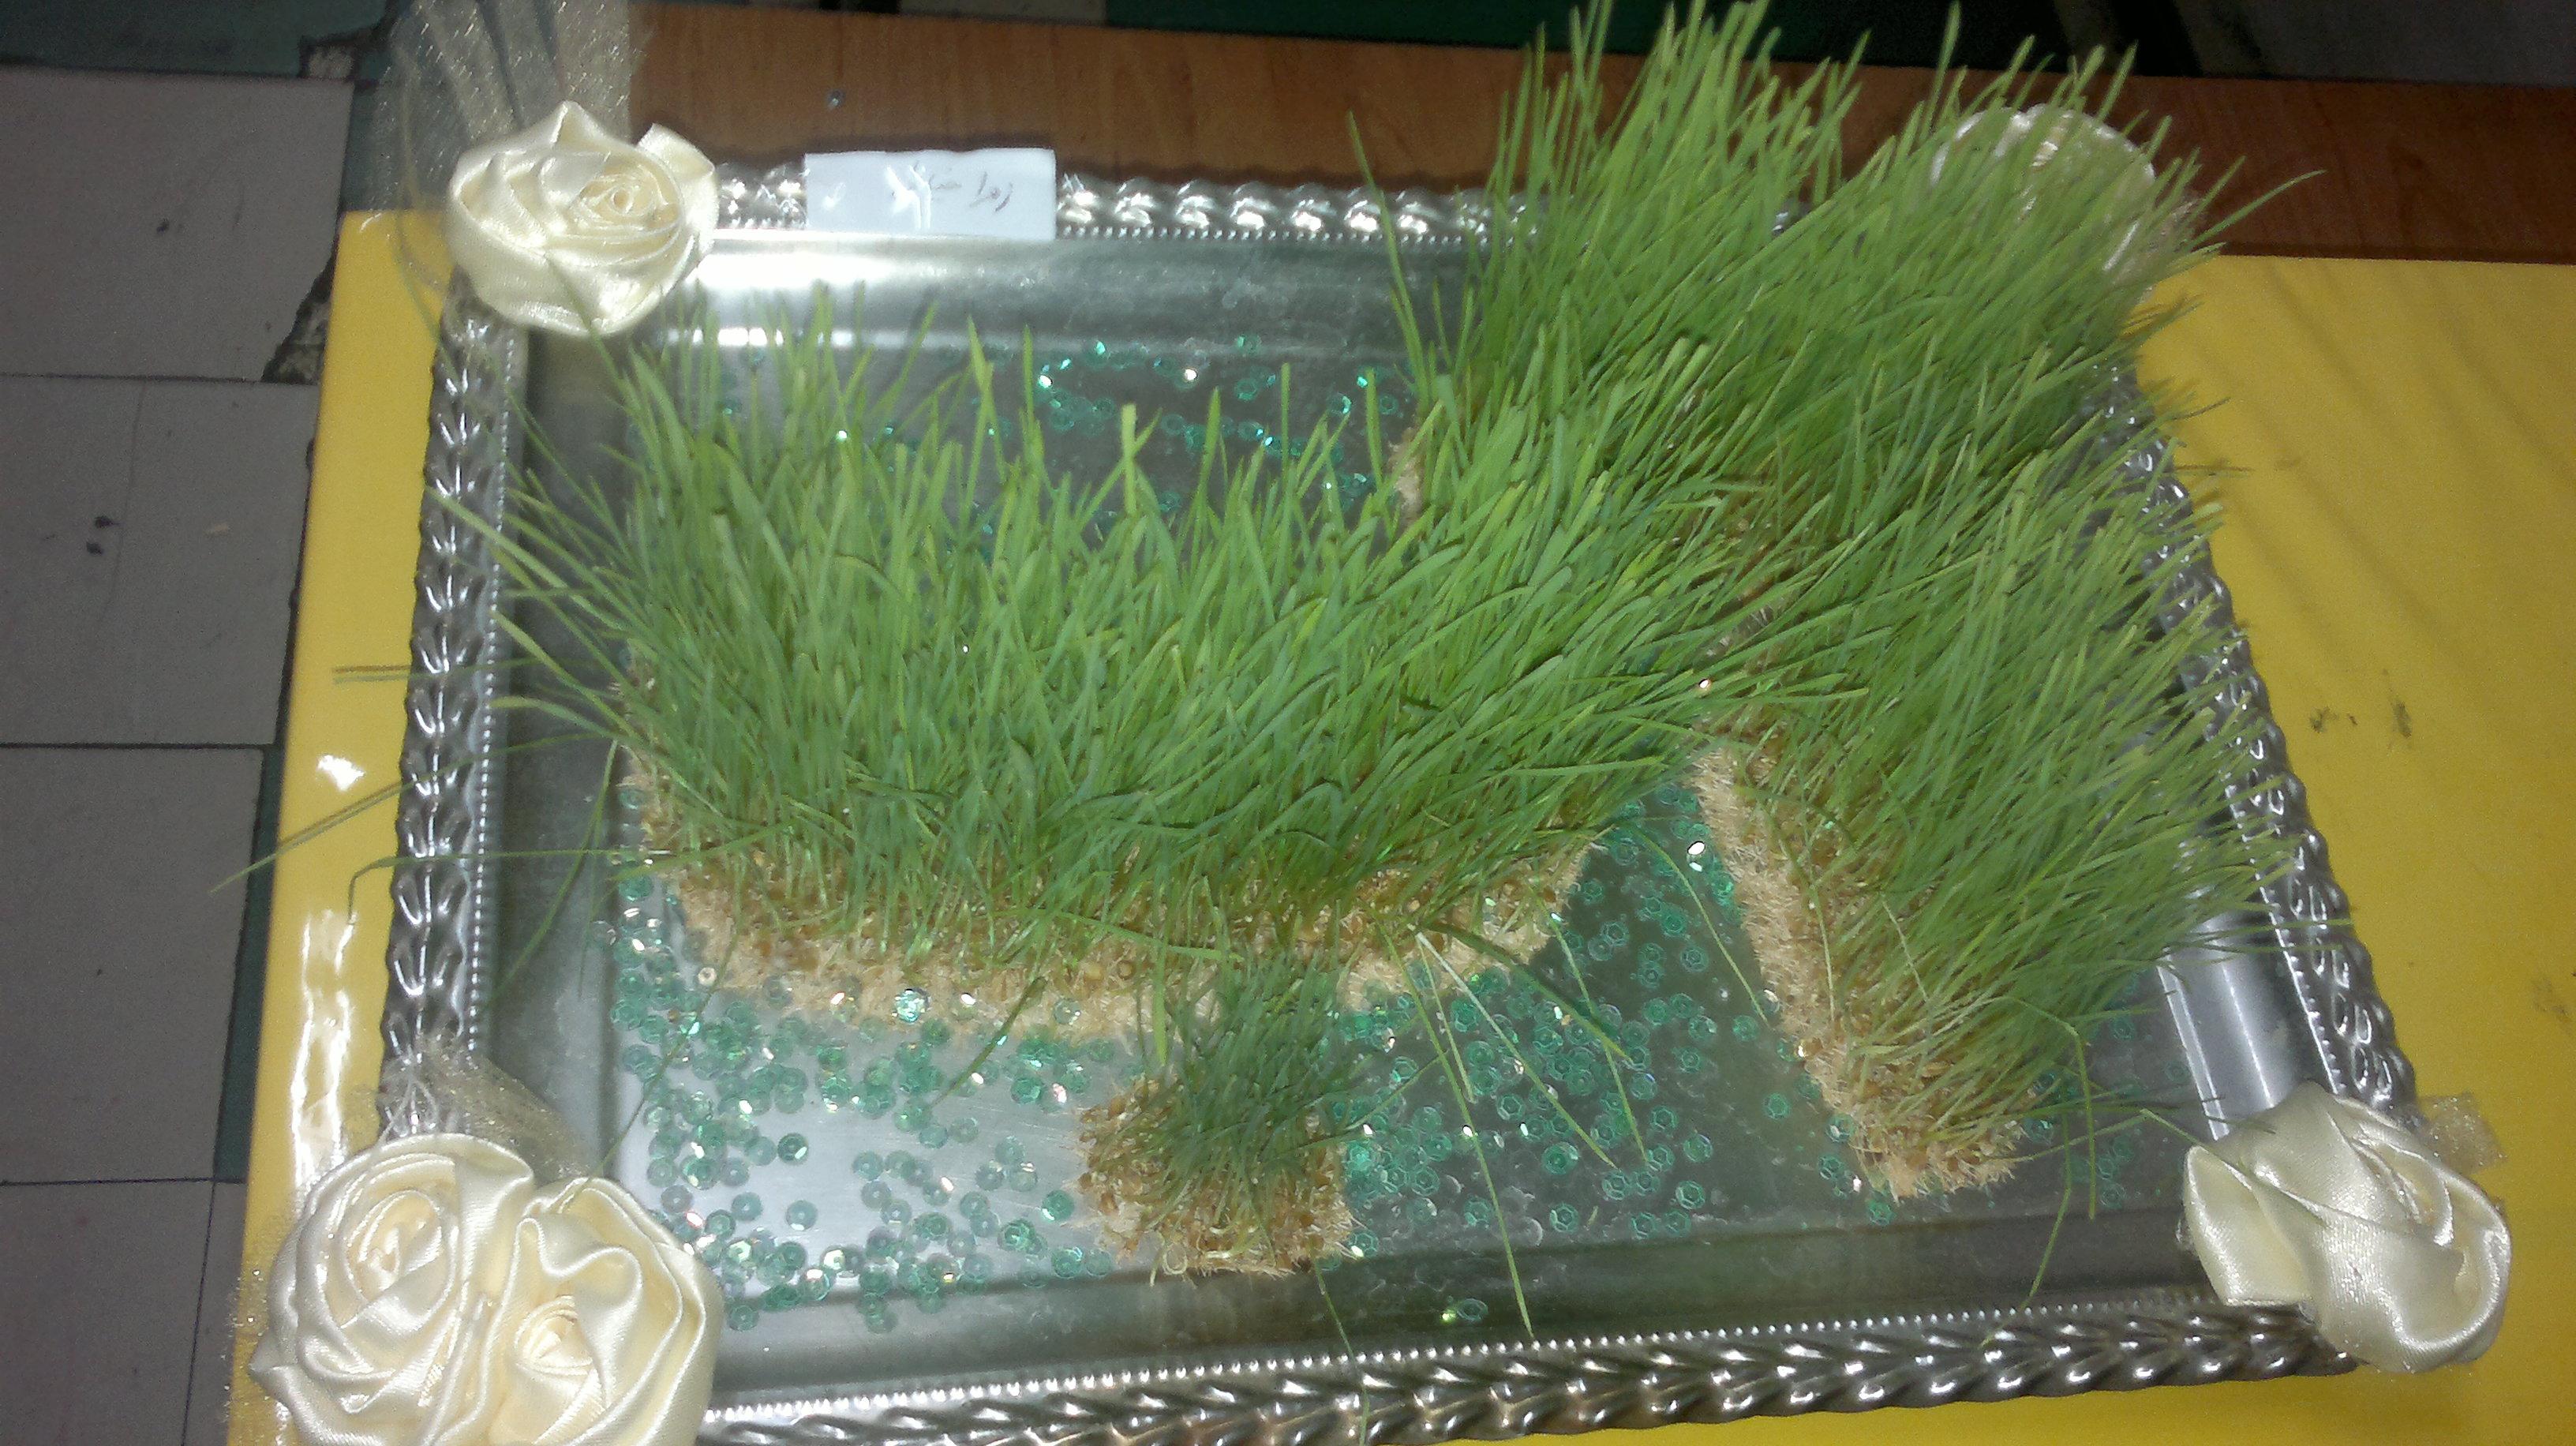 سبزه درس آب که توسط اولیا ی سال گذشته قبل از تدریس درس آب سبز شده بود